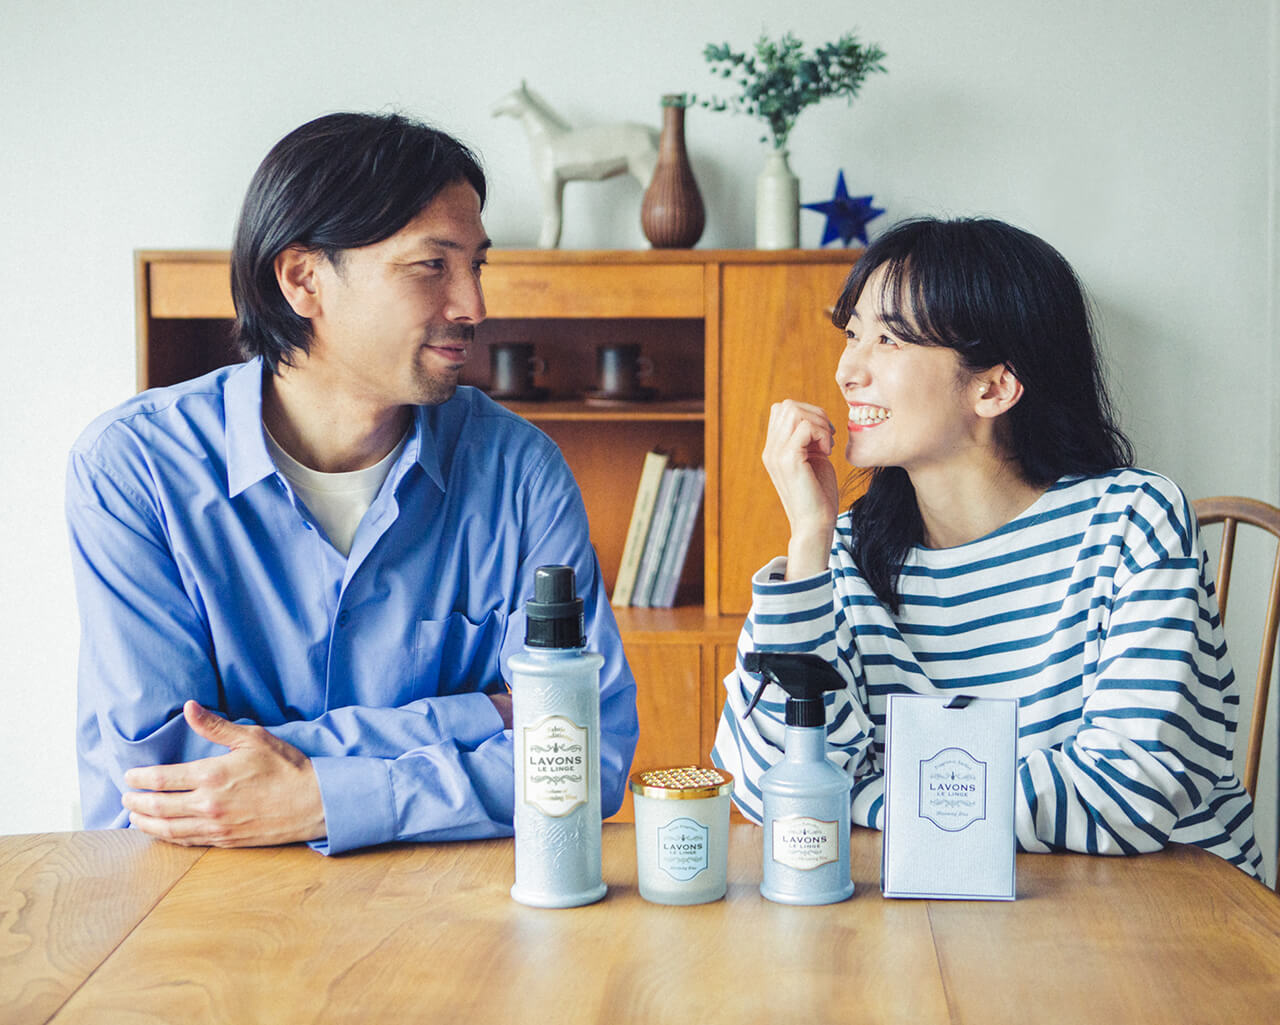 橋本優子さん・鈴木隆行さん夫妻に聞きました!家族みんなが心地よく過ごせる「おうちの香り問題」どうしてる?